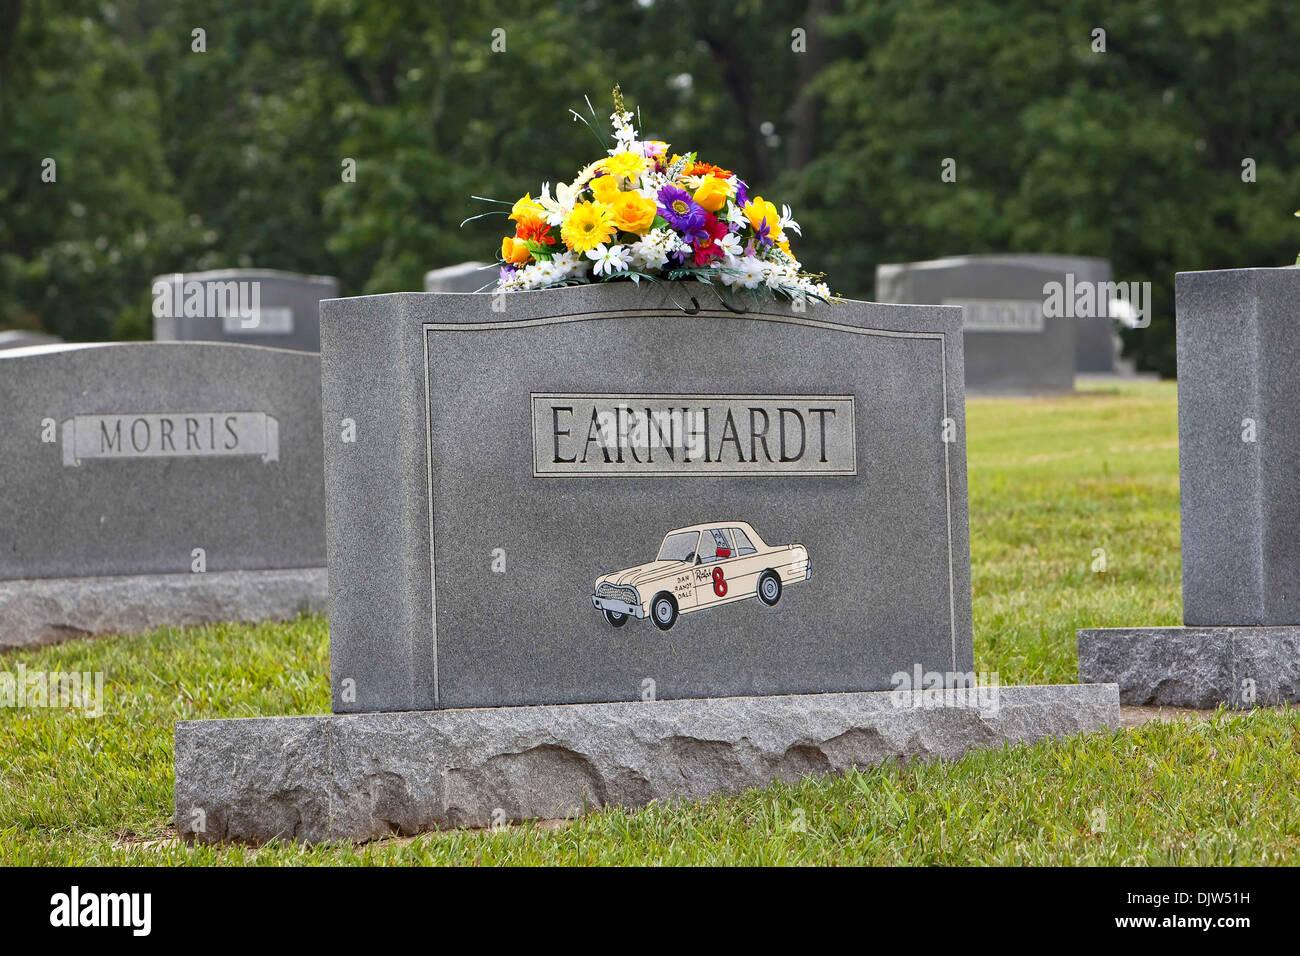 New Dale Earnhardt Jr Car